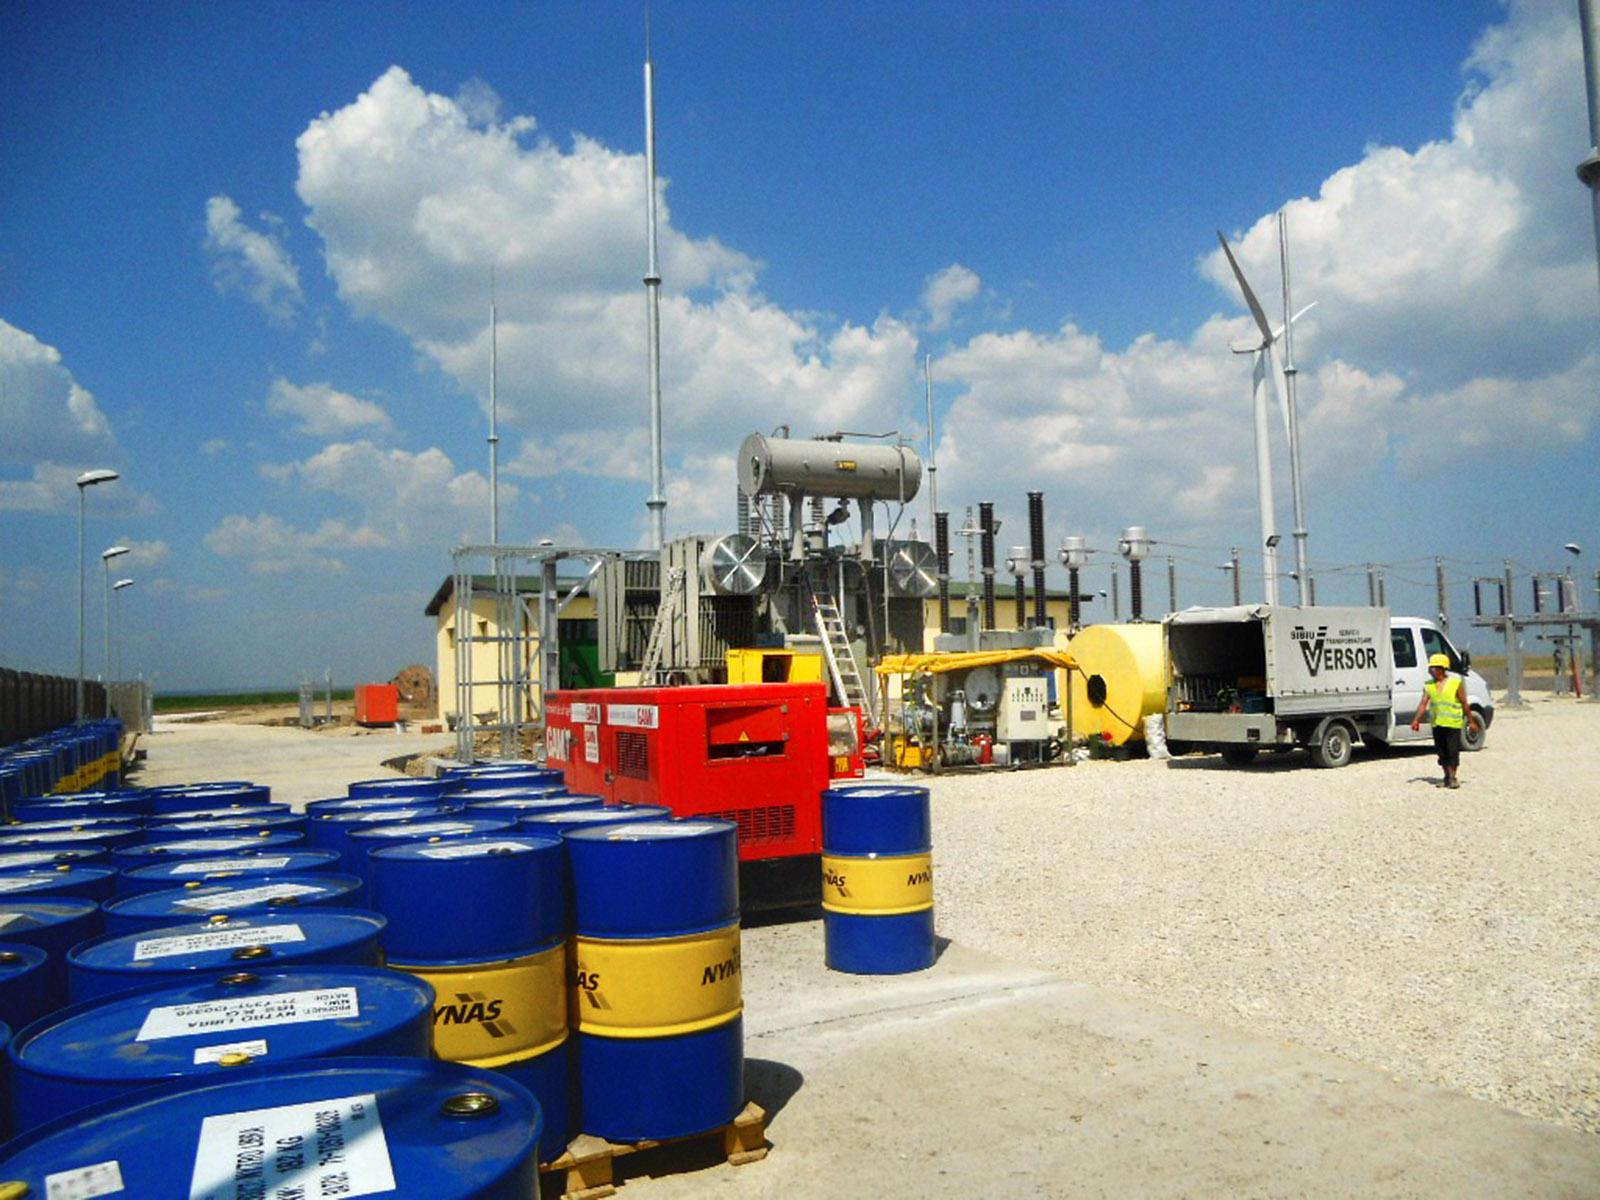 Versor Servicii Transformatoare manipulare ulei, reconditionare, montare